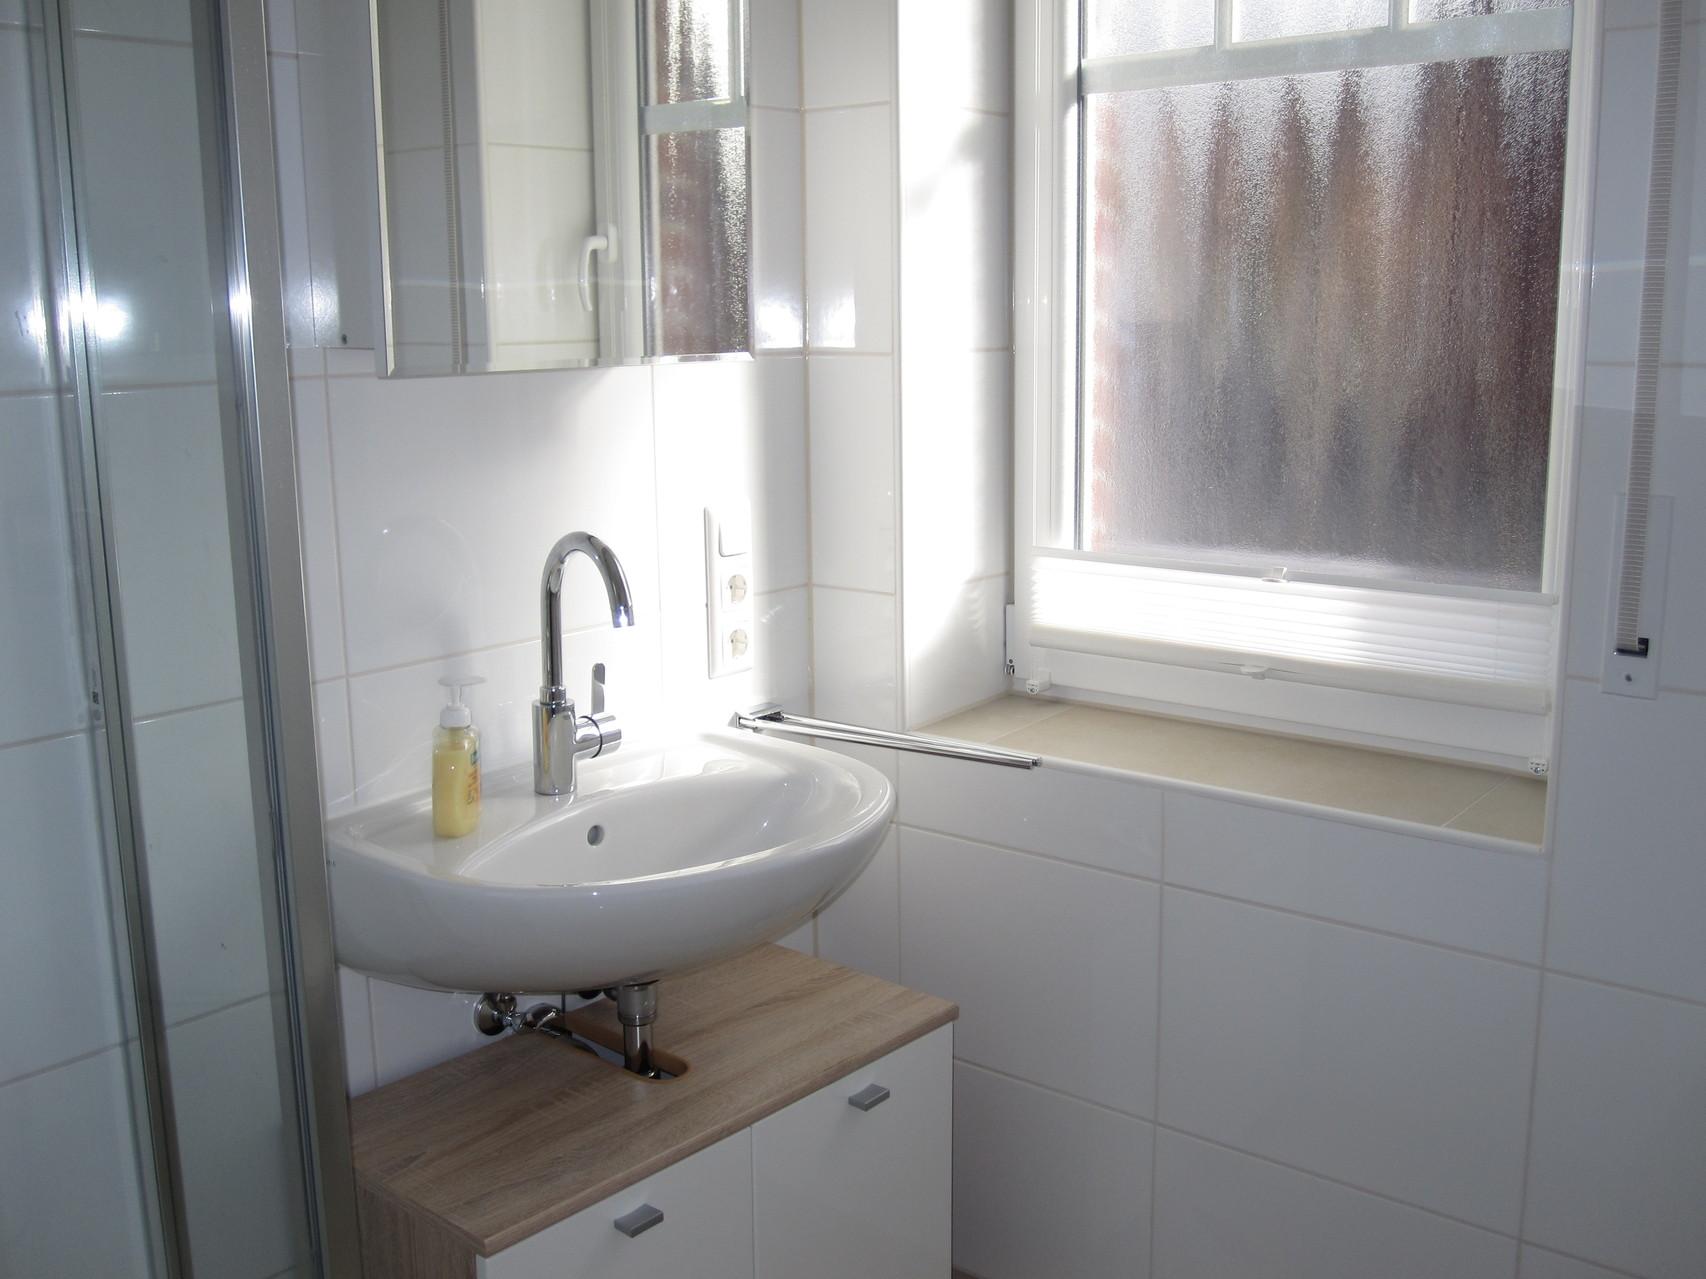 Bad mit Fenster und Tageslicht